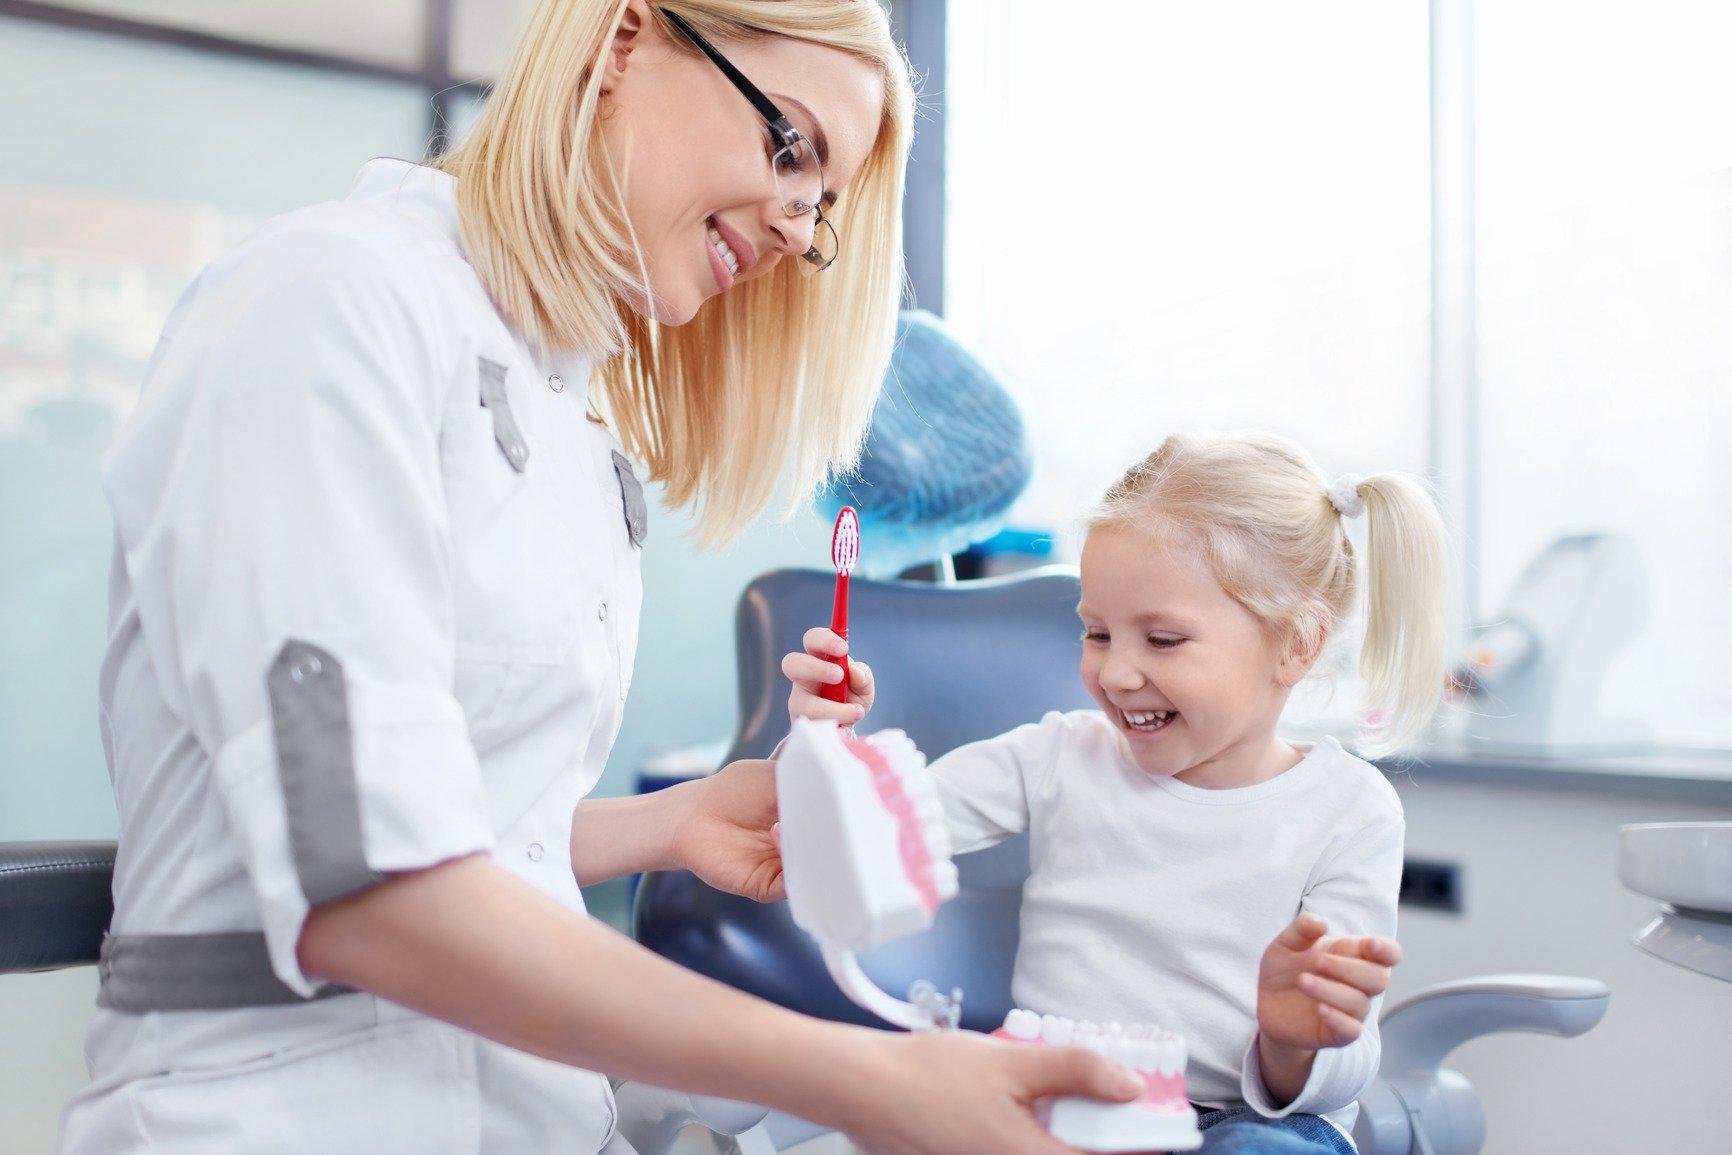 Tandlæge i Horsens - Klinik for tandsundhed - Barn